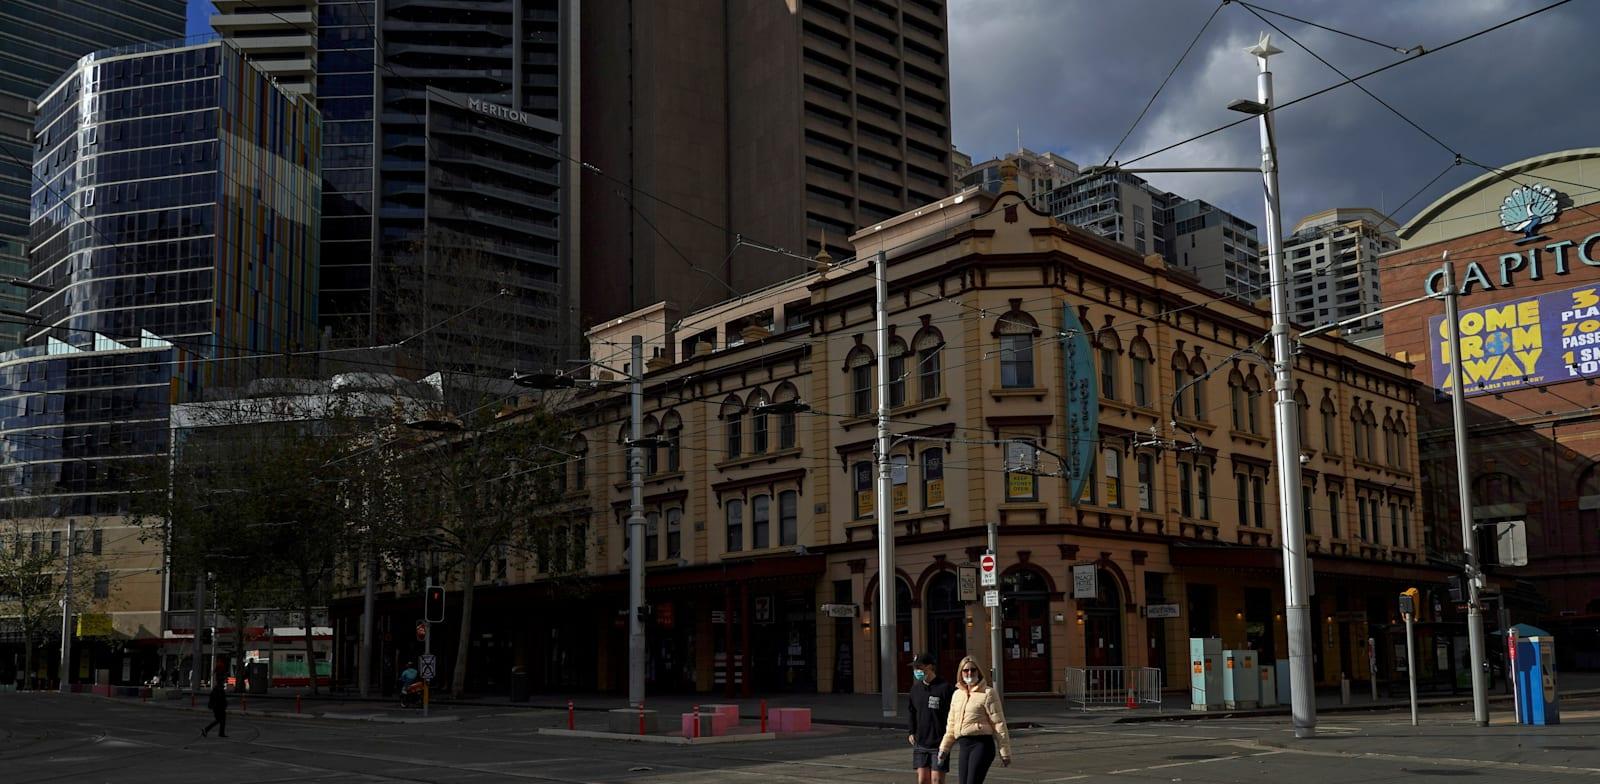 העיר סידני באוסטרליה וכמה אזורים סביבה נכנסו לסגר של שבועיים בשל התפרצות גרסת הדלתא של נגיף הקורונה / צילום: Reuters, Loren Elliott